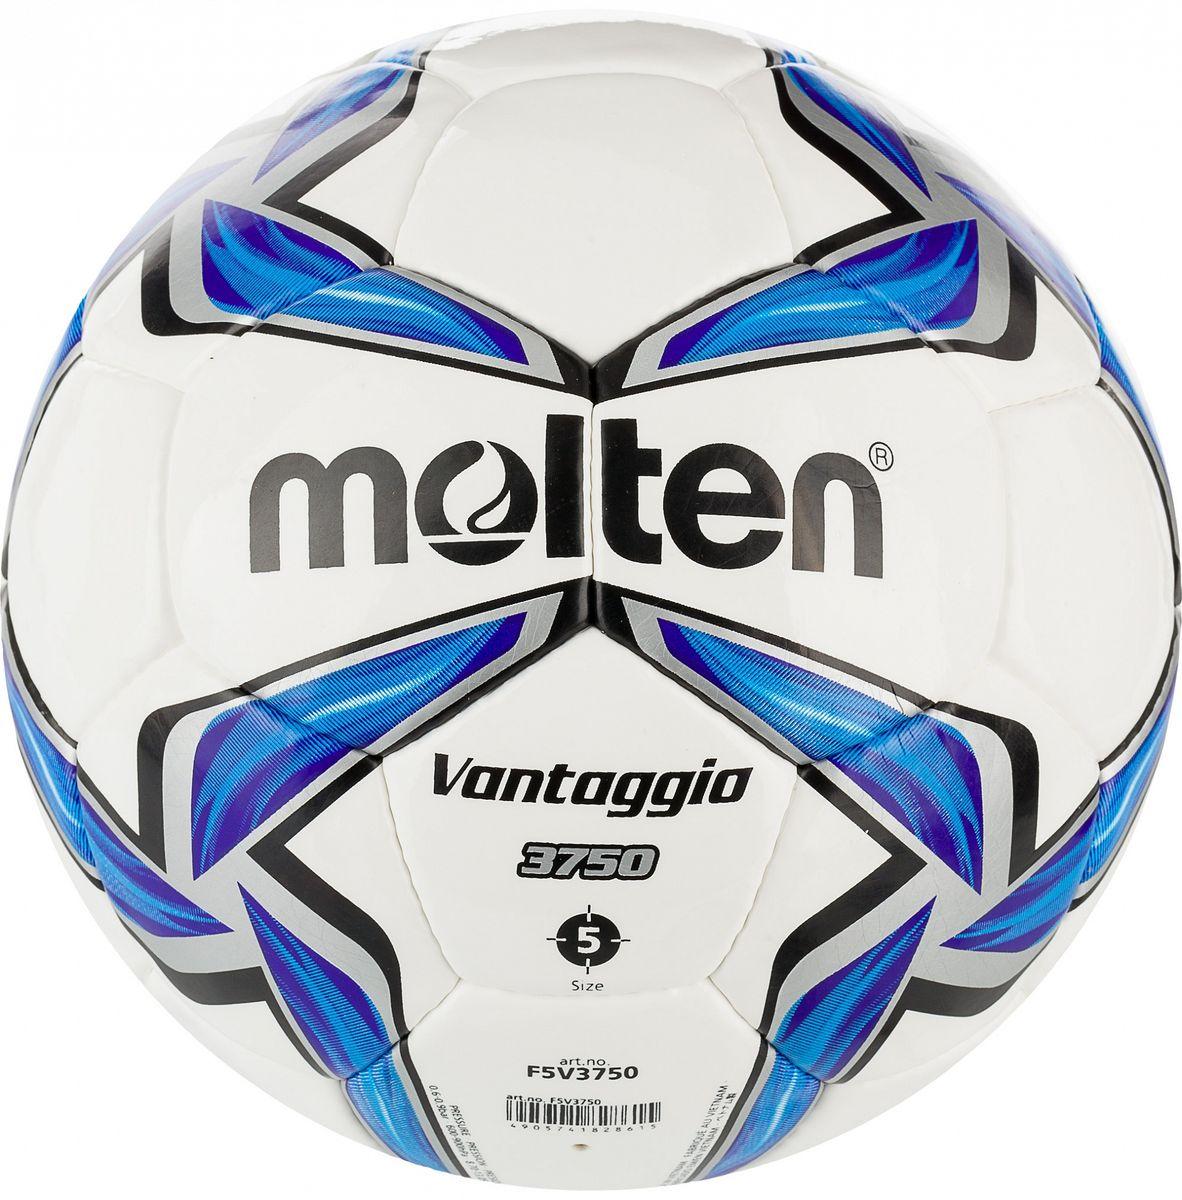 Мяч футбольный Molten. Размер 5. F5V3750200170Футбольный мяч для клубных тренировок и соревнований:изготовлен по технологии Vantaggio - многослойная конструкция улучшает форму мяча; покрышка из синтетической кожи (полиуретан); ручное шитье; инспектирован FIFA.